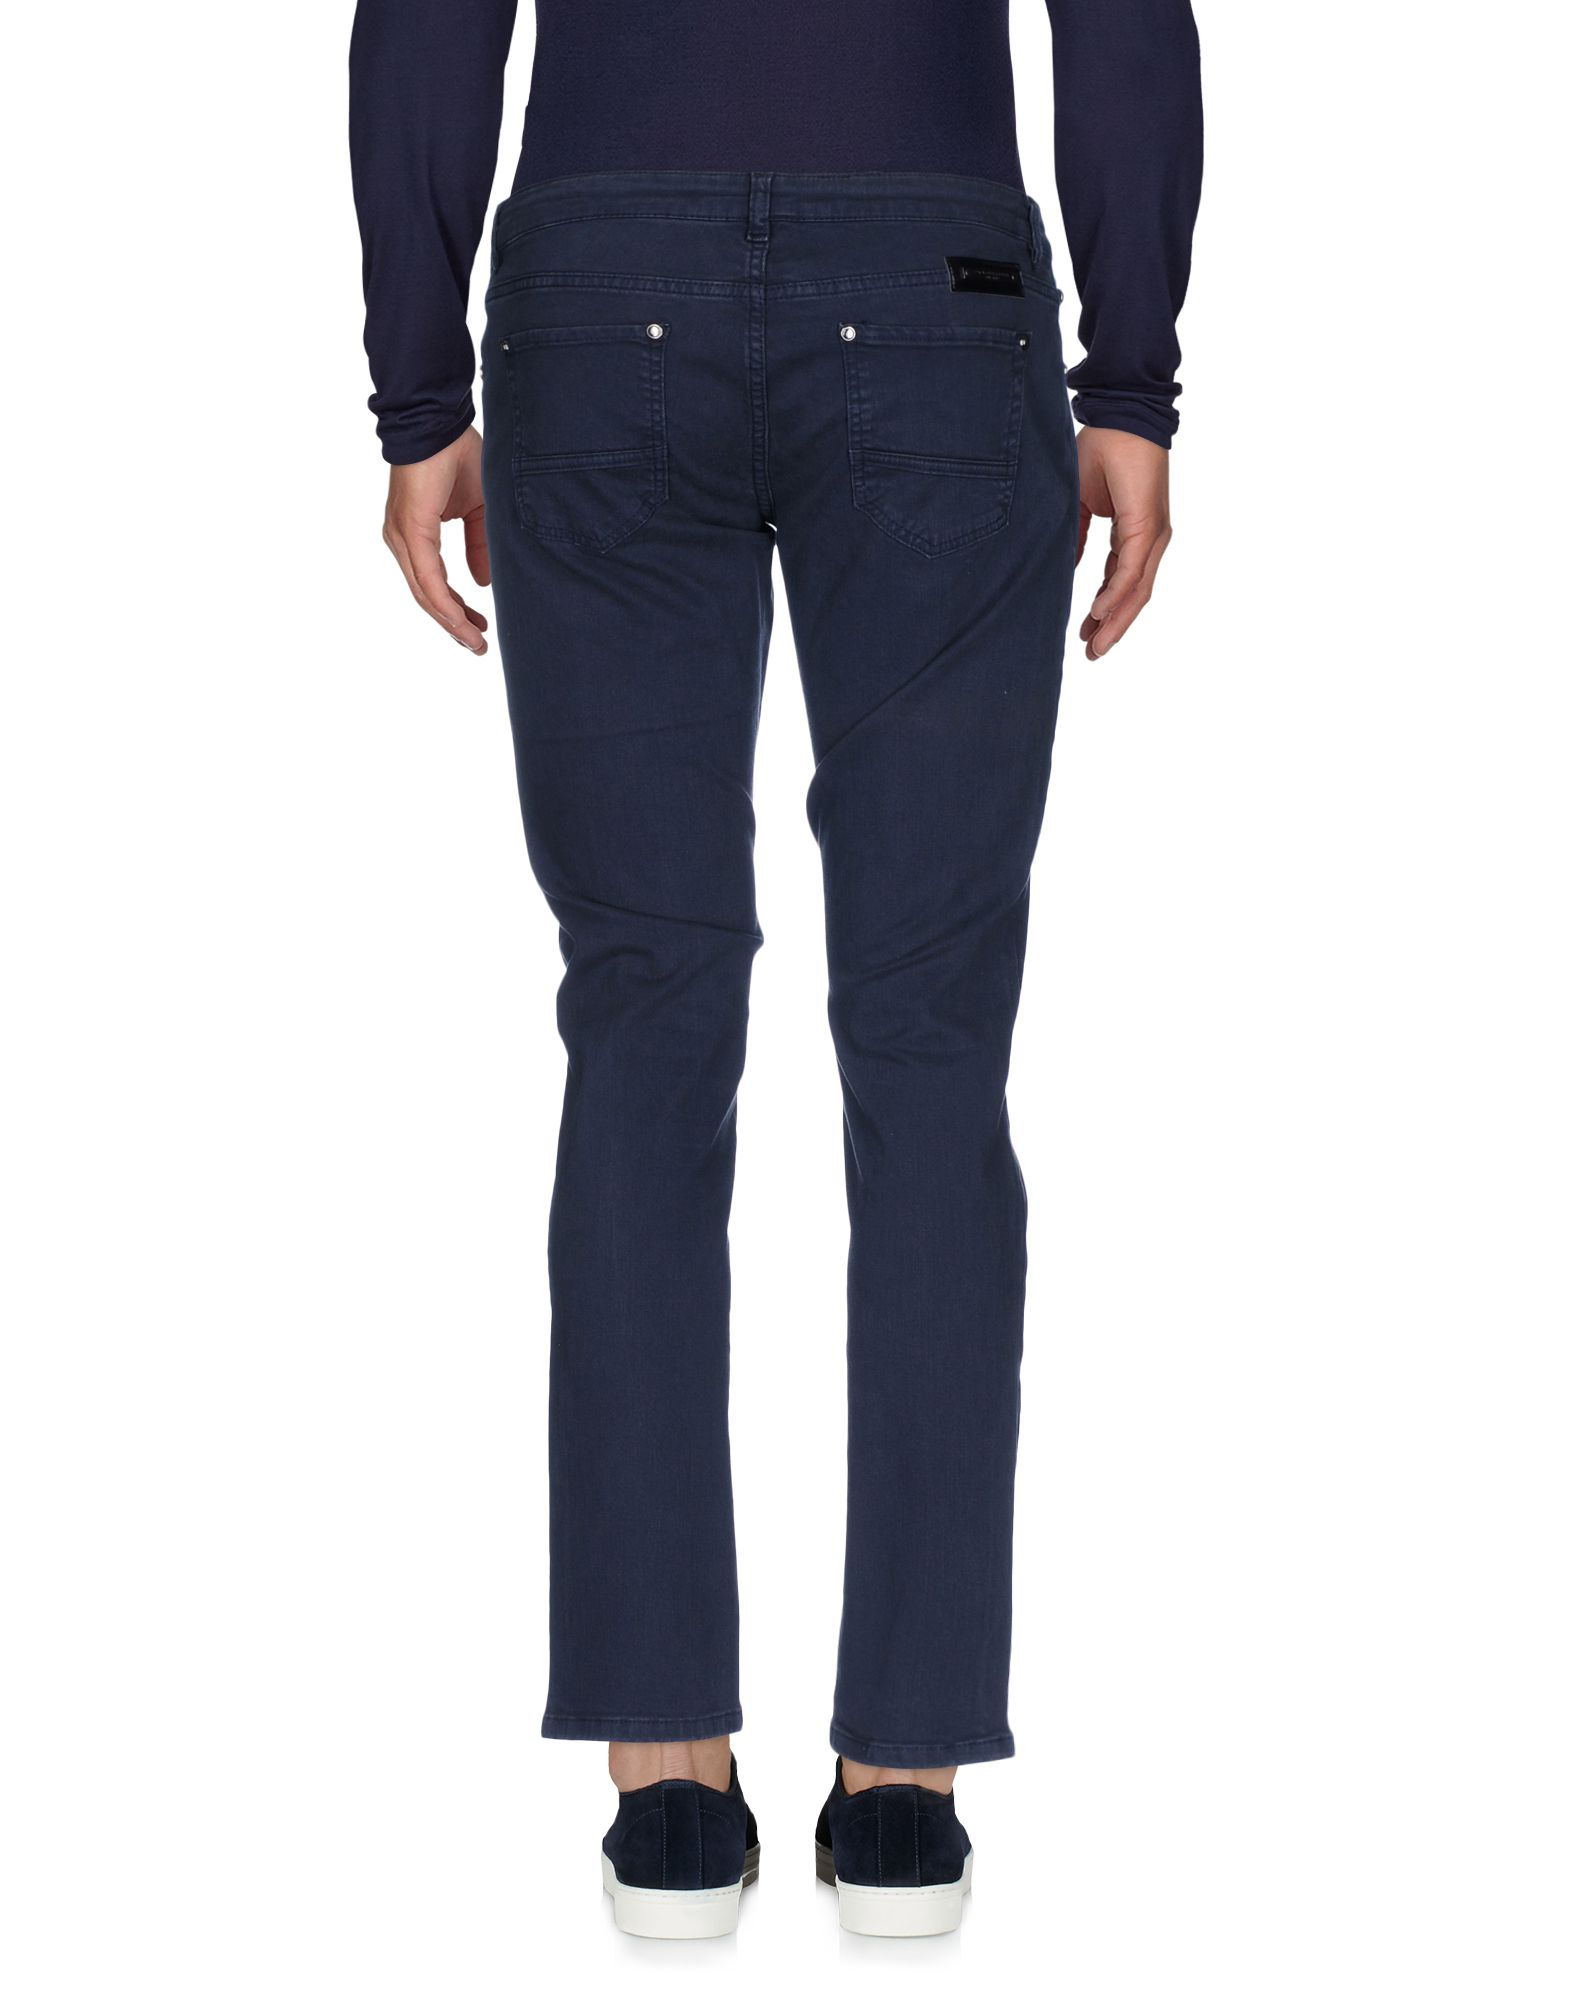 Pantaloni Jeans Paolo Pecora Uomo 13074222JN - 13074222JN Uomo 33721a